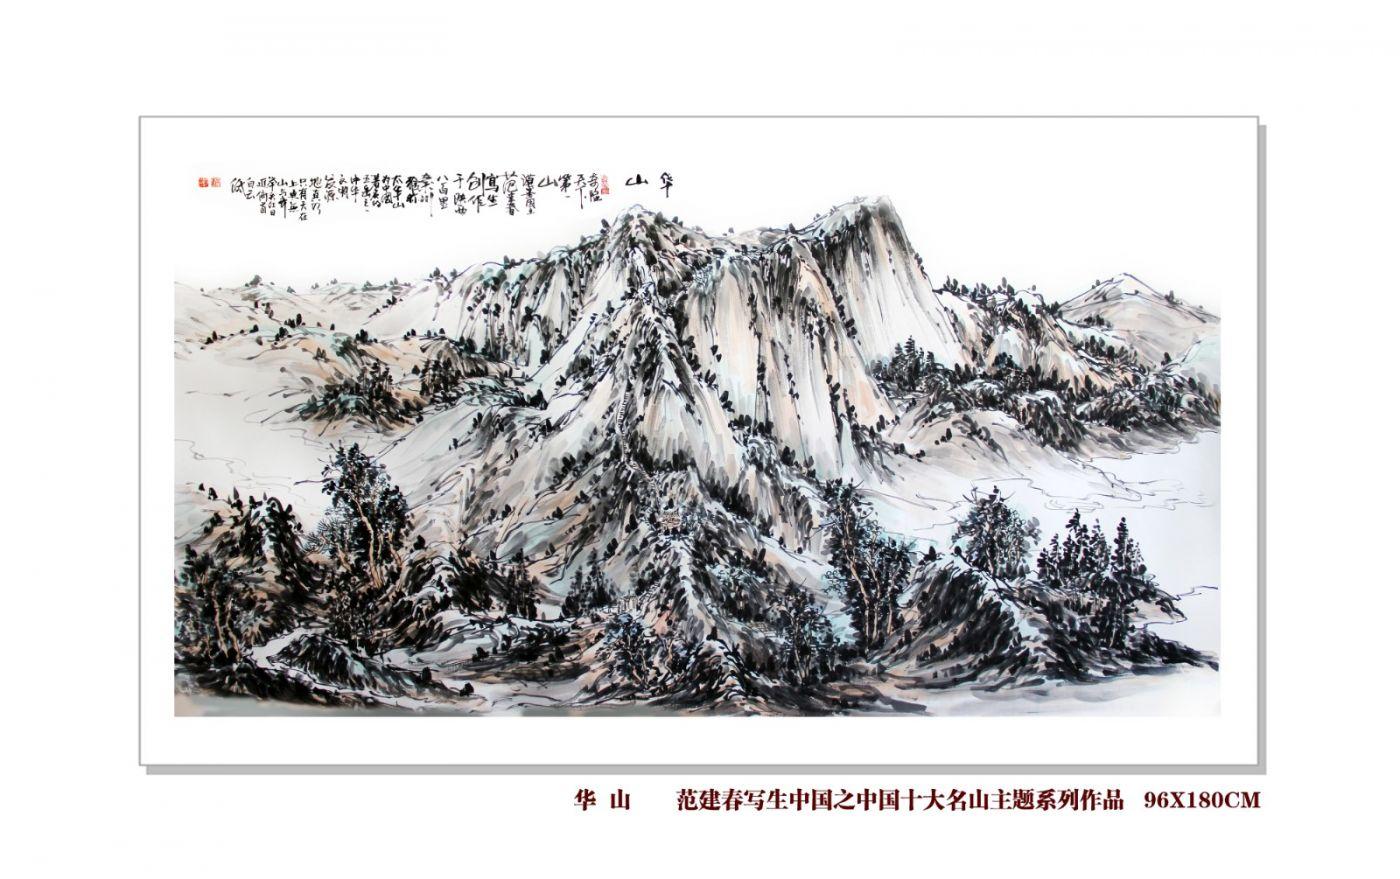 范建春写生中国之十大名山主题系列作品_图1-5